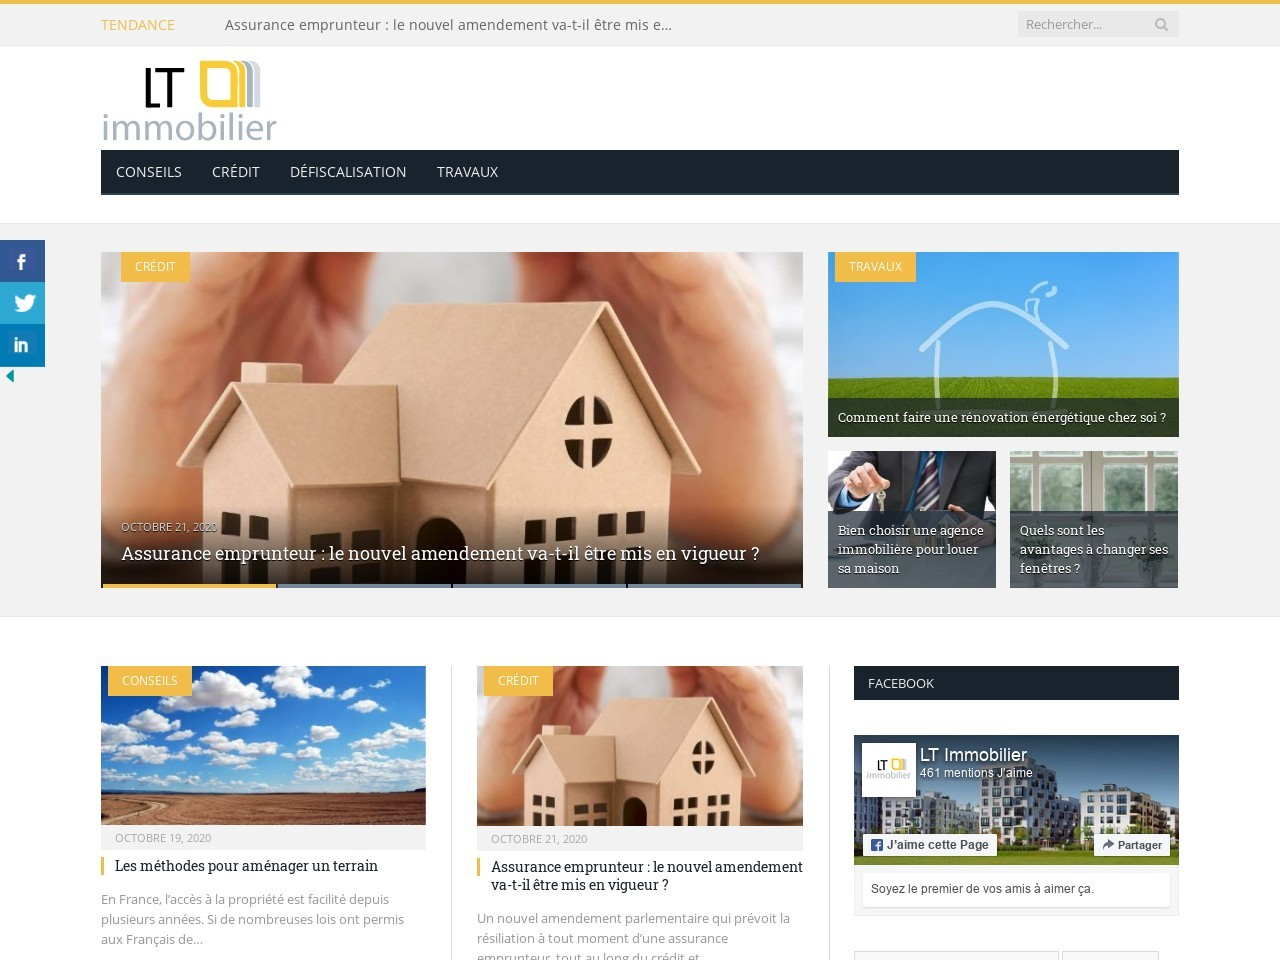 lt-immobilier.fr